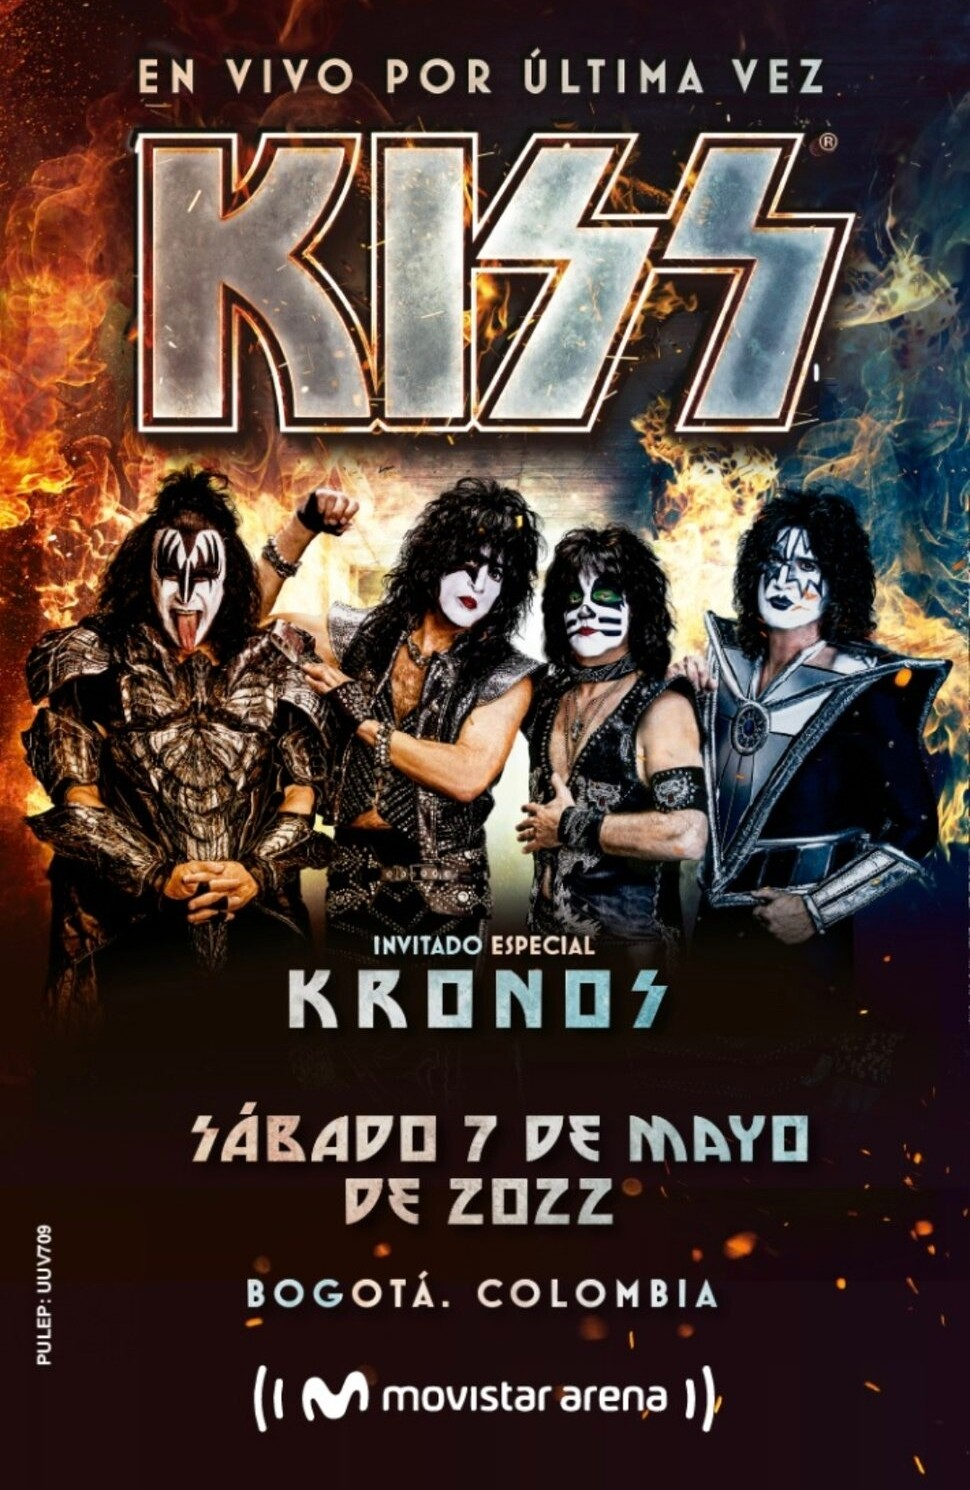 Kiss en Colombia: Nueva fecha para su concierto en el Movistar Arena de  Bogotá en mayo 2022